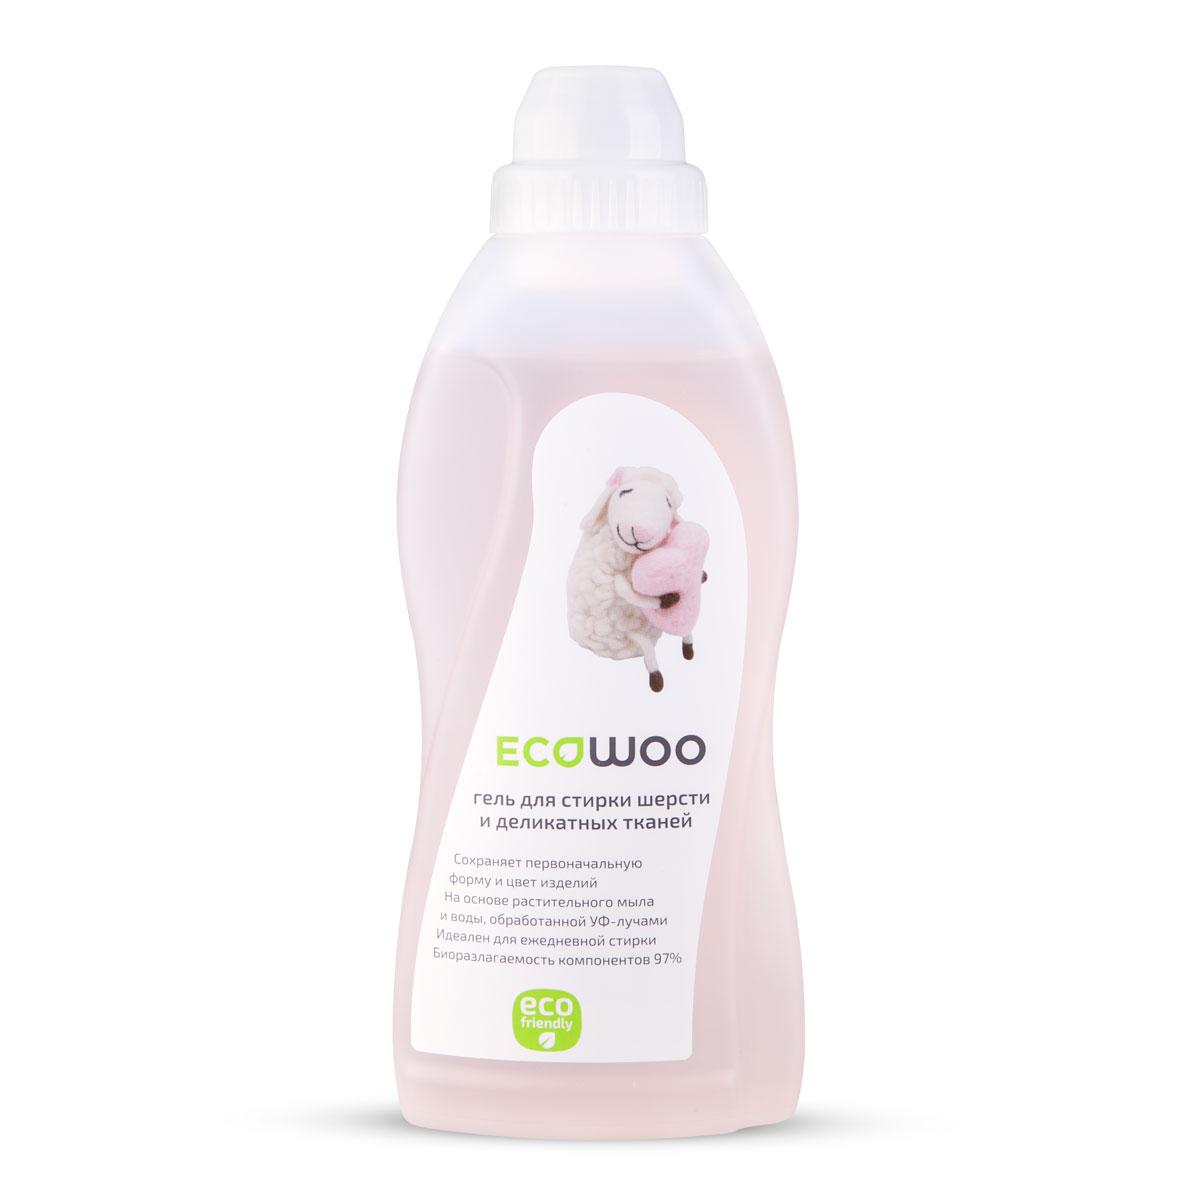 Гель EcoWoo для стирки шерсти и деликатных тканей, 0,7 лЕ088187Сохраняет первоначальную форму и цвет изделий. На основе растительного мыла и воды, обработанной Уф- лучами. Идеален для ежедневной стирки. Биоразлагаемость компонентов 97%.